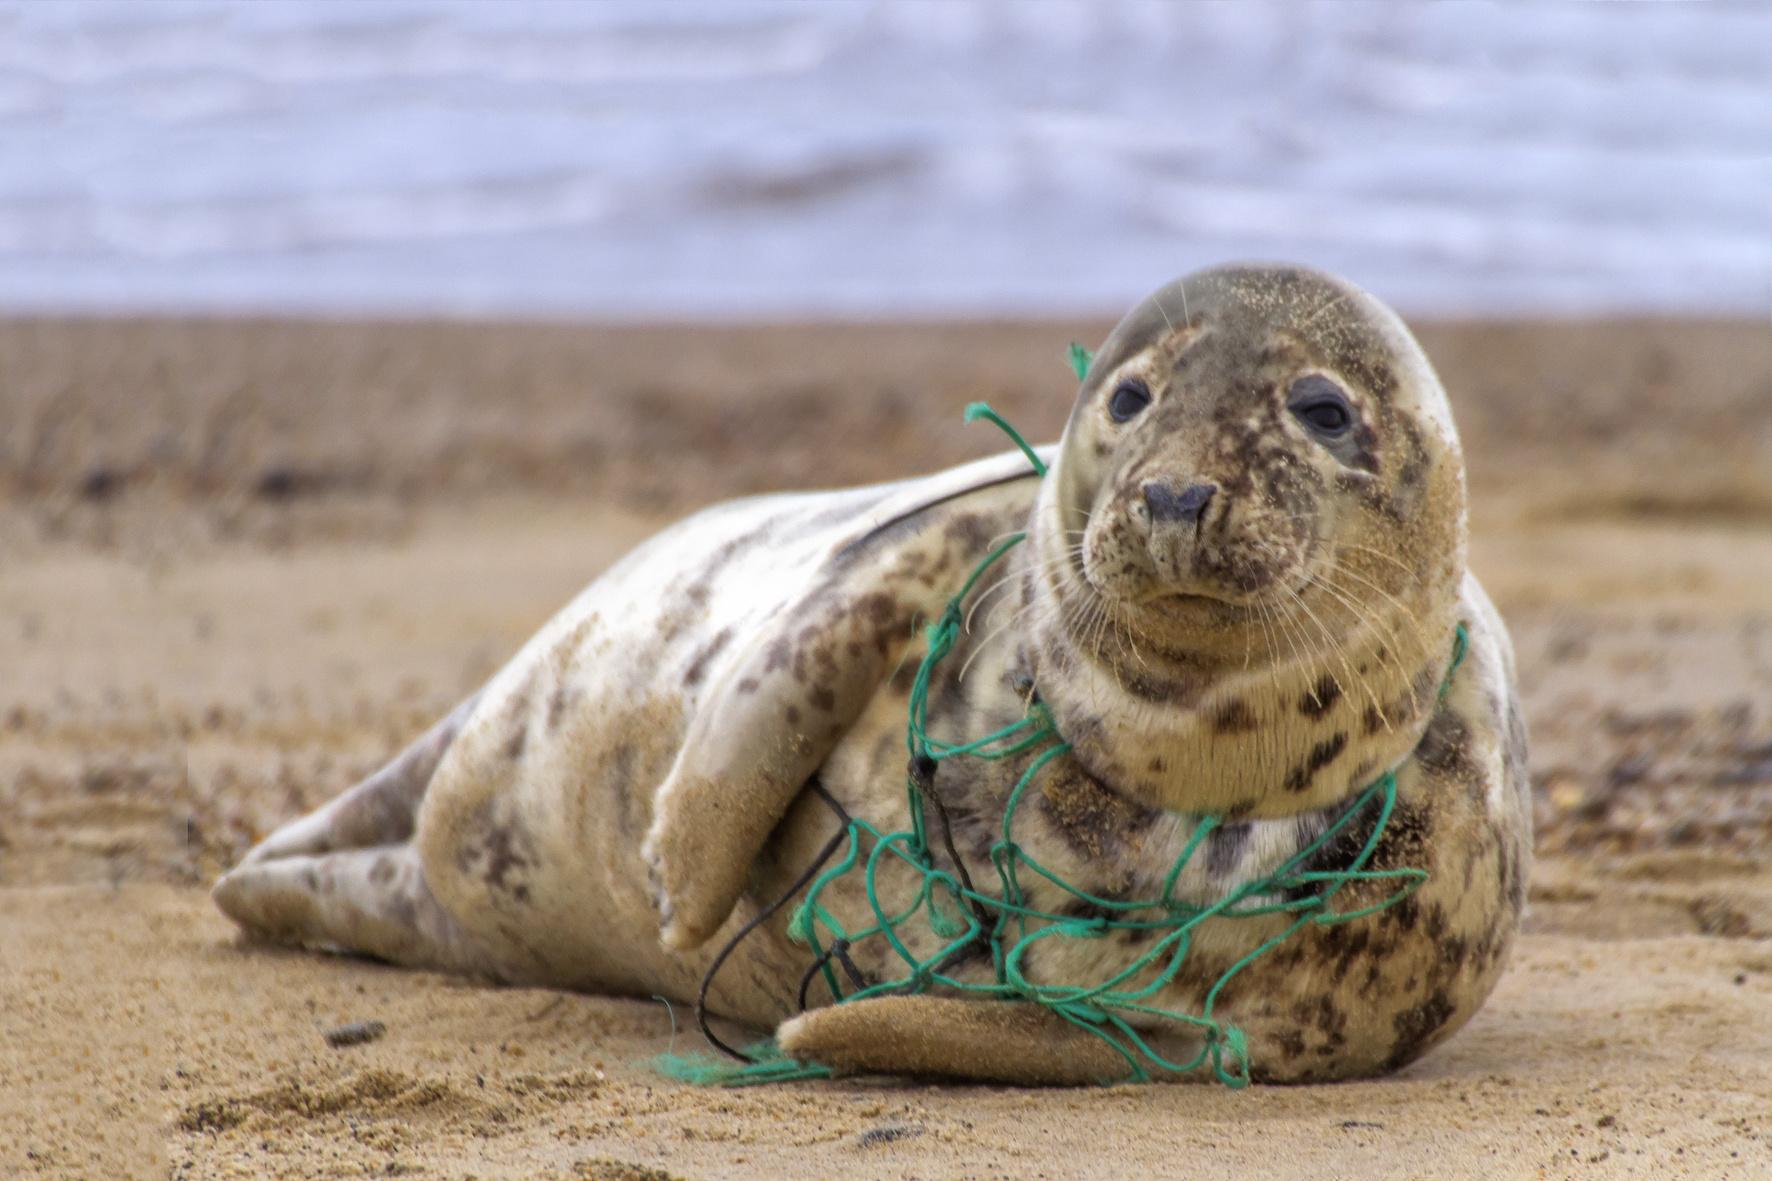 海の生き物に深刻な被害をもたらす漁具の海洋流出。改善に向け一歩前進